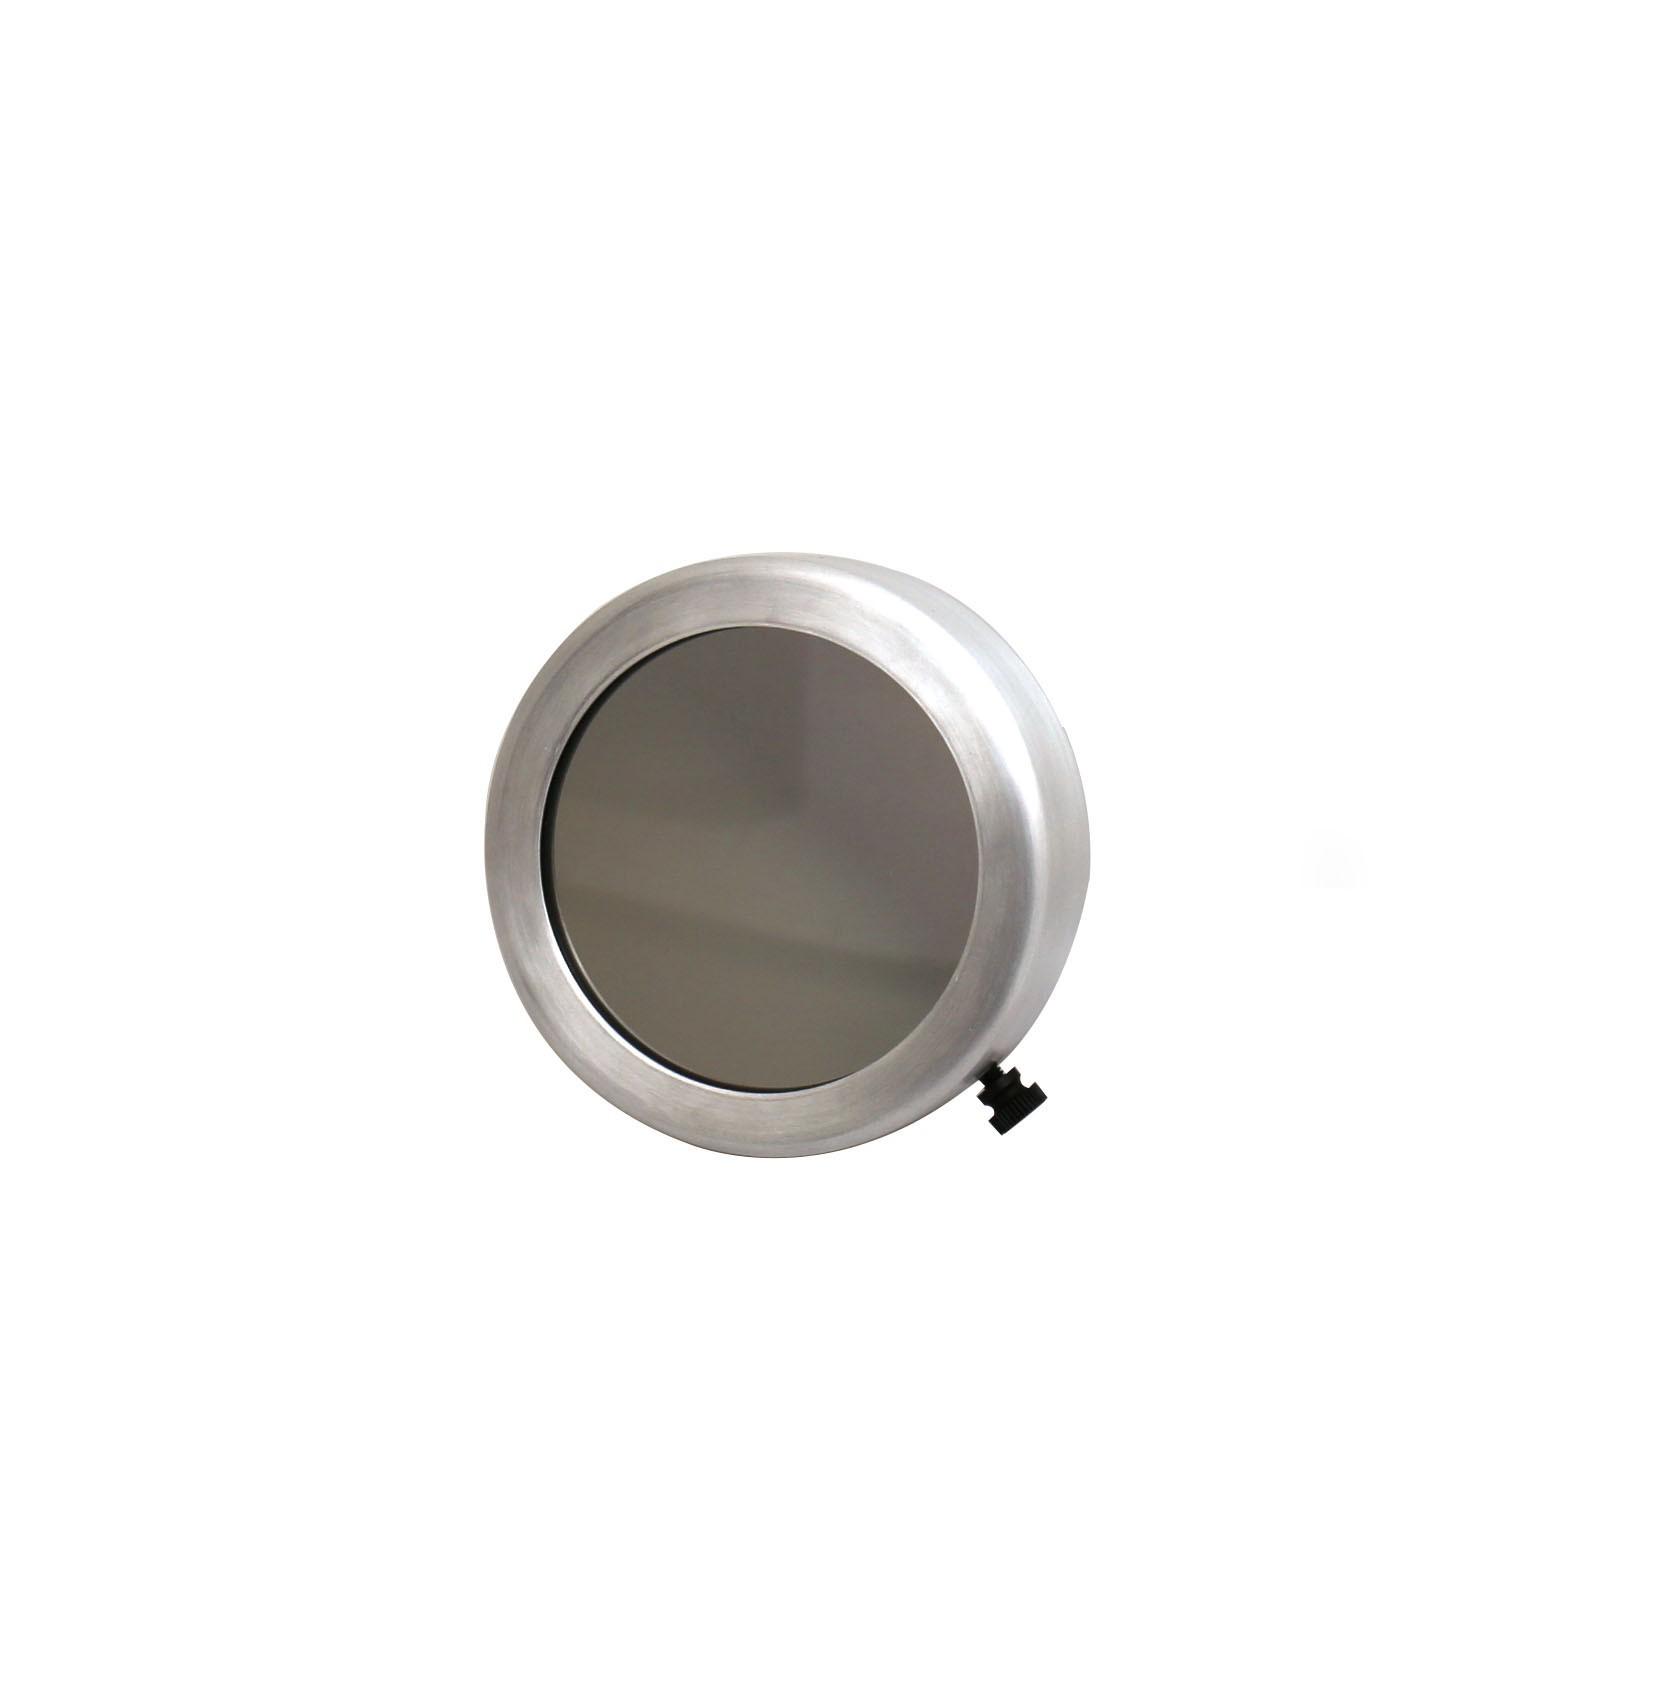 Meade Glass White-light Solar Filter #500